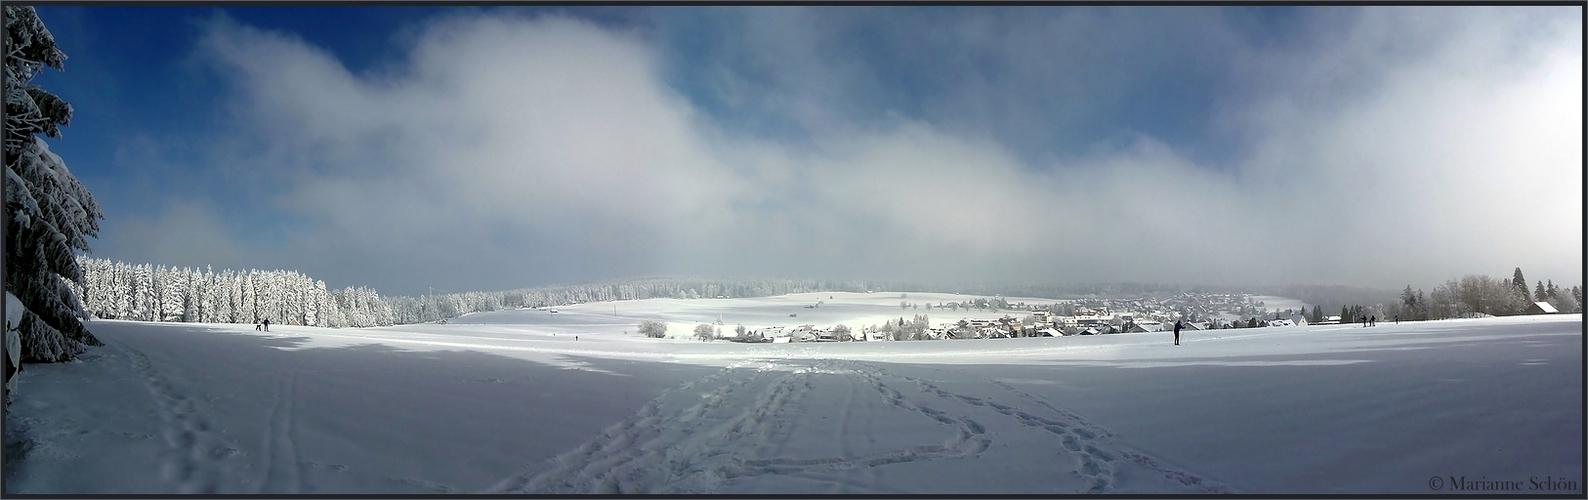 Sonne und Schnee...